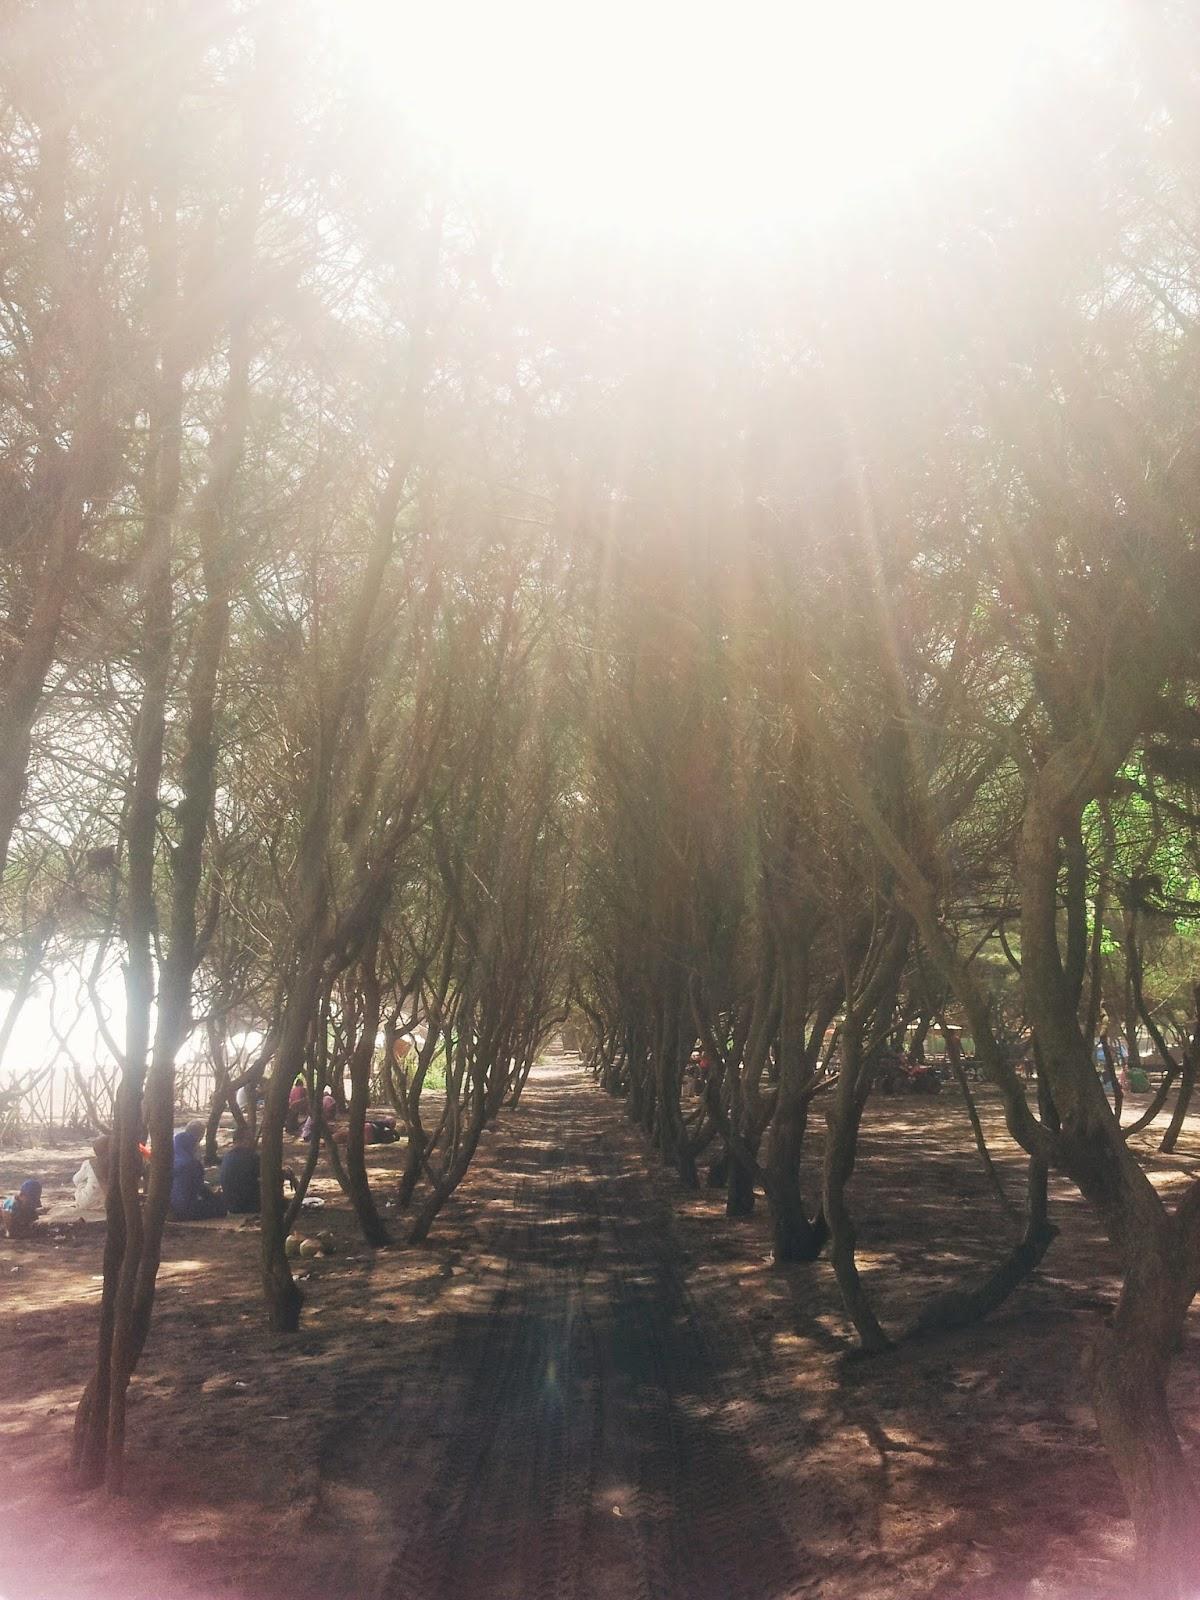 Pantai Baru in Bantul, Jogja